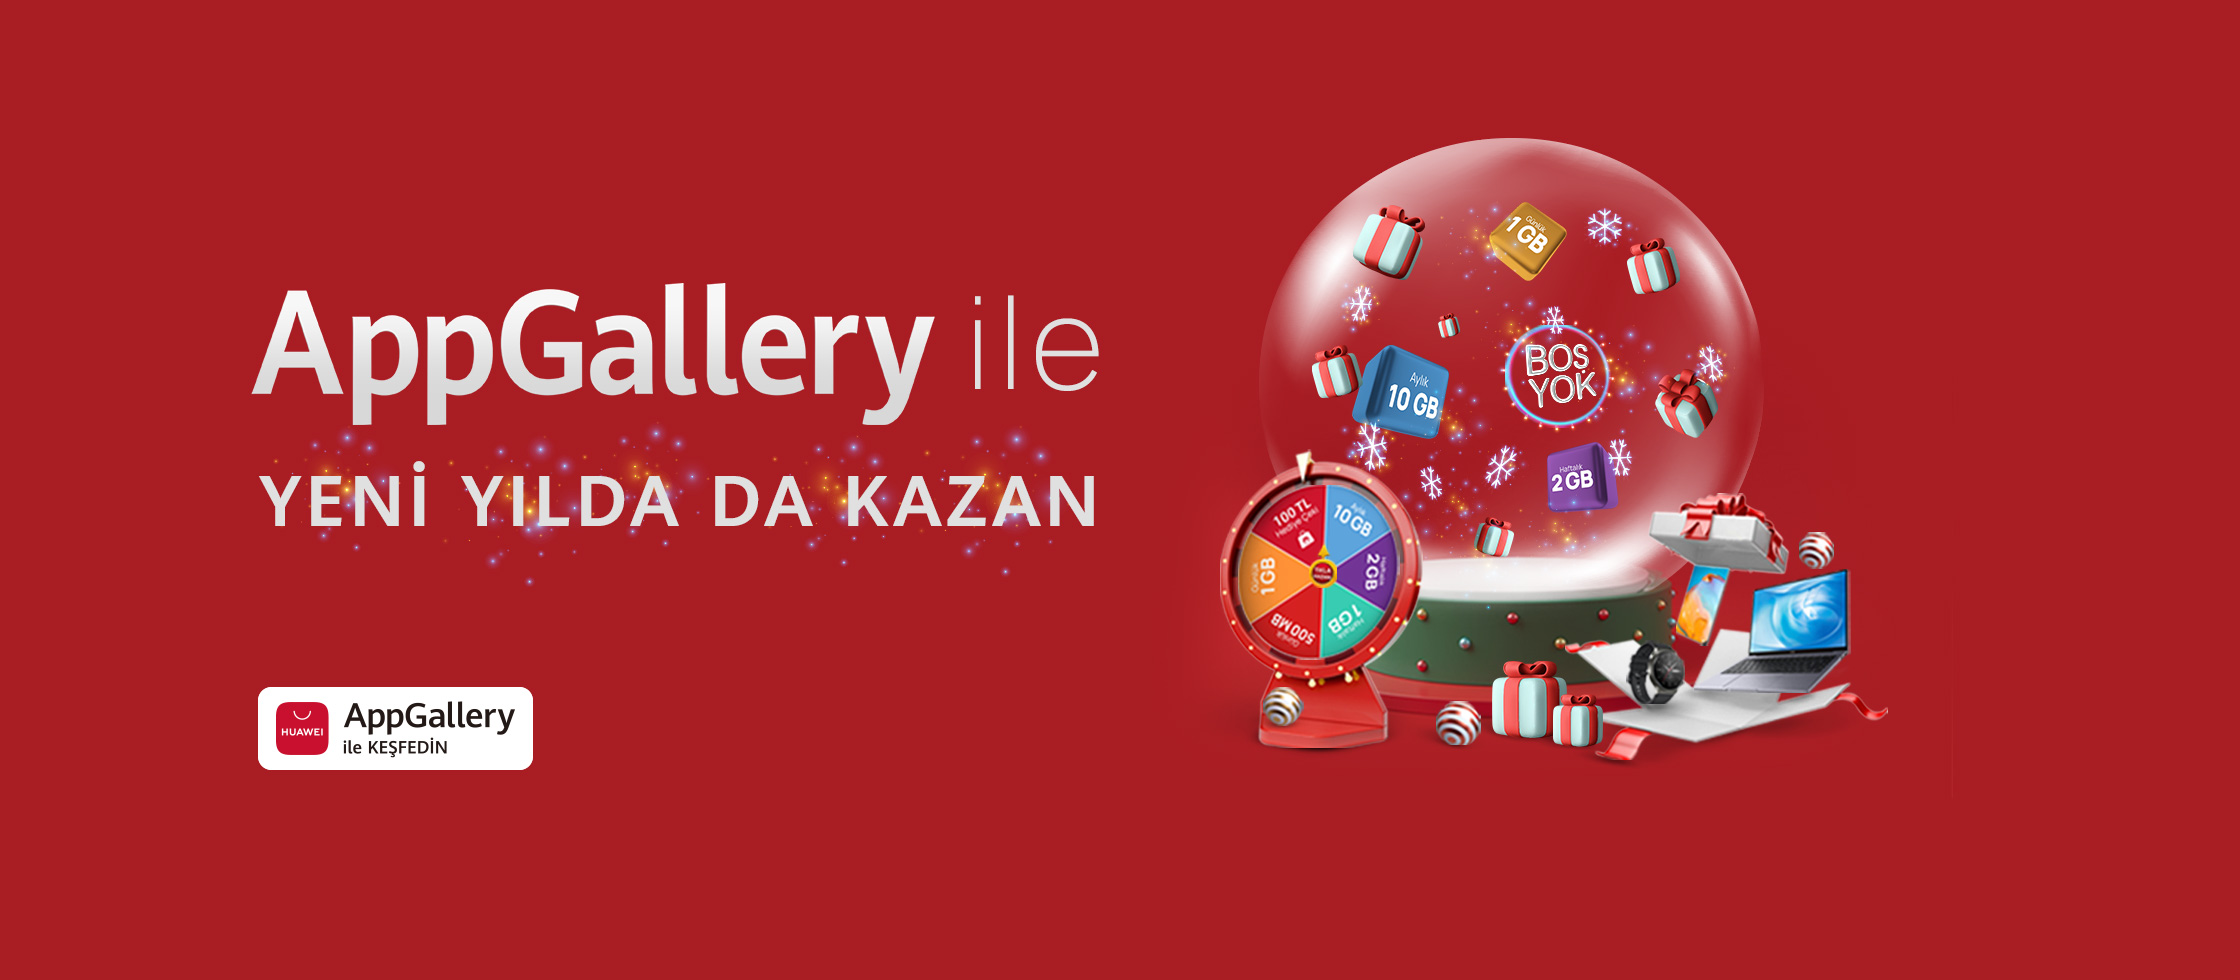 AppGallery Yeni Yıl Hediye Kampanyası - AppGalery Huawei - Siberdefter